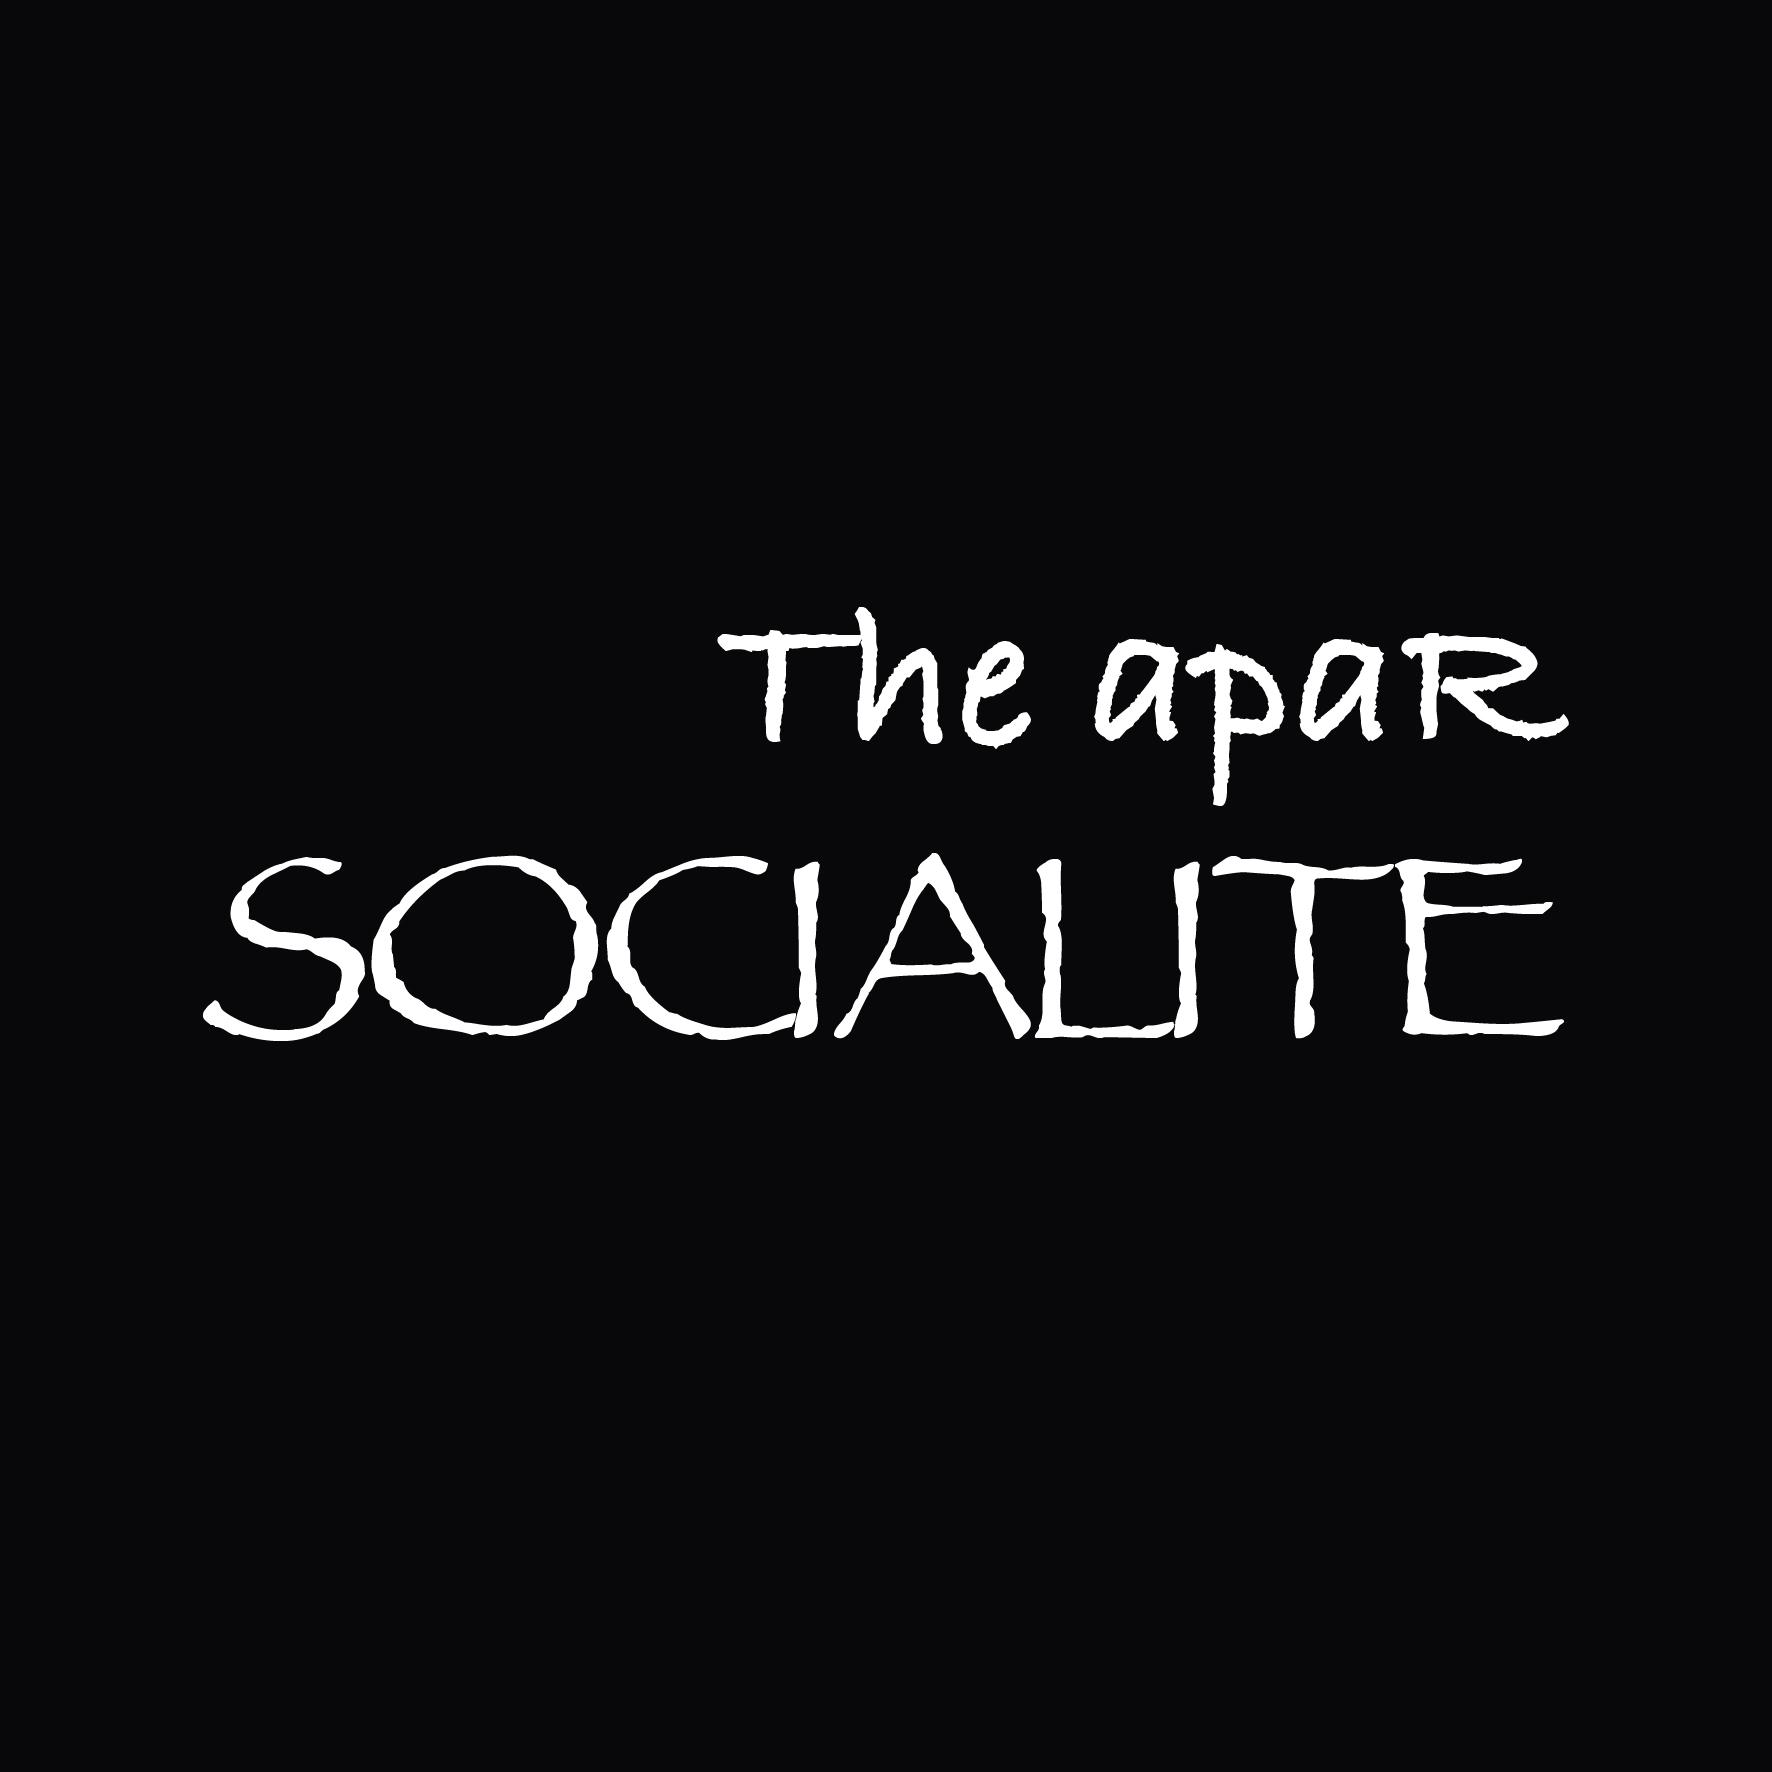 Apar title2 socialite